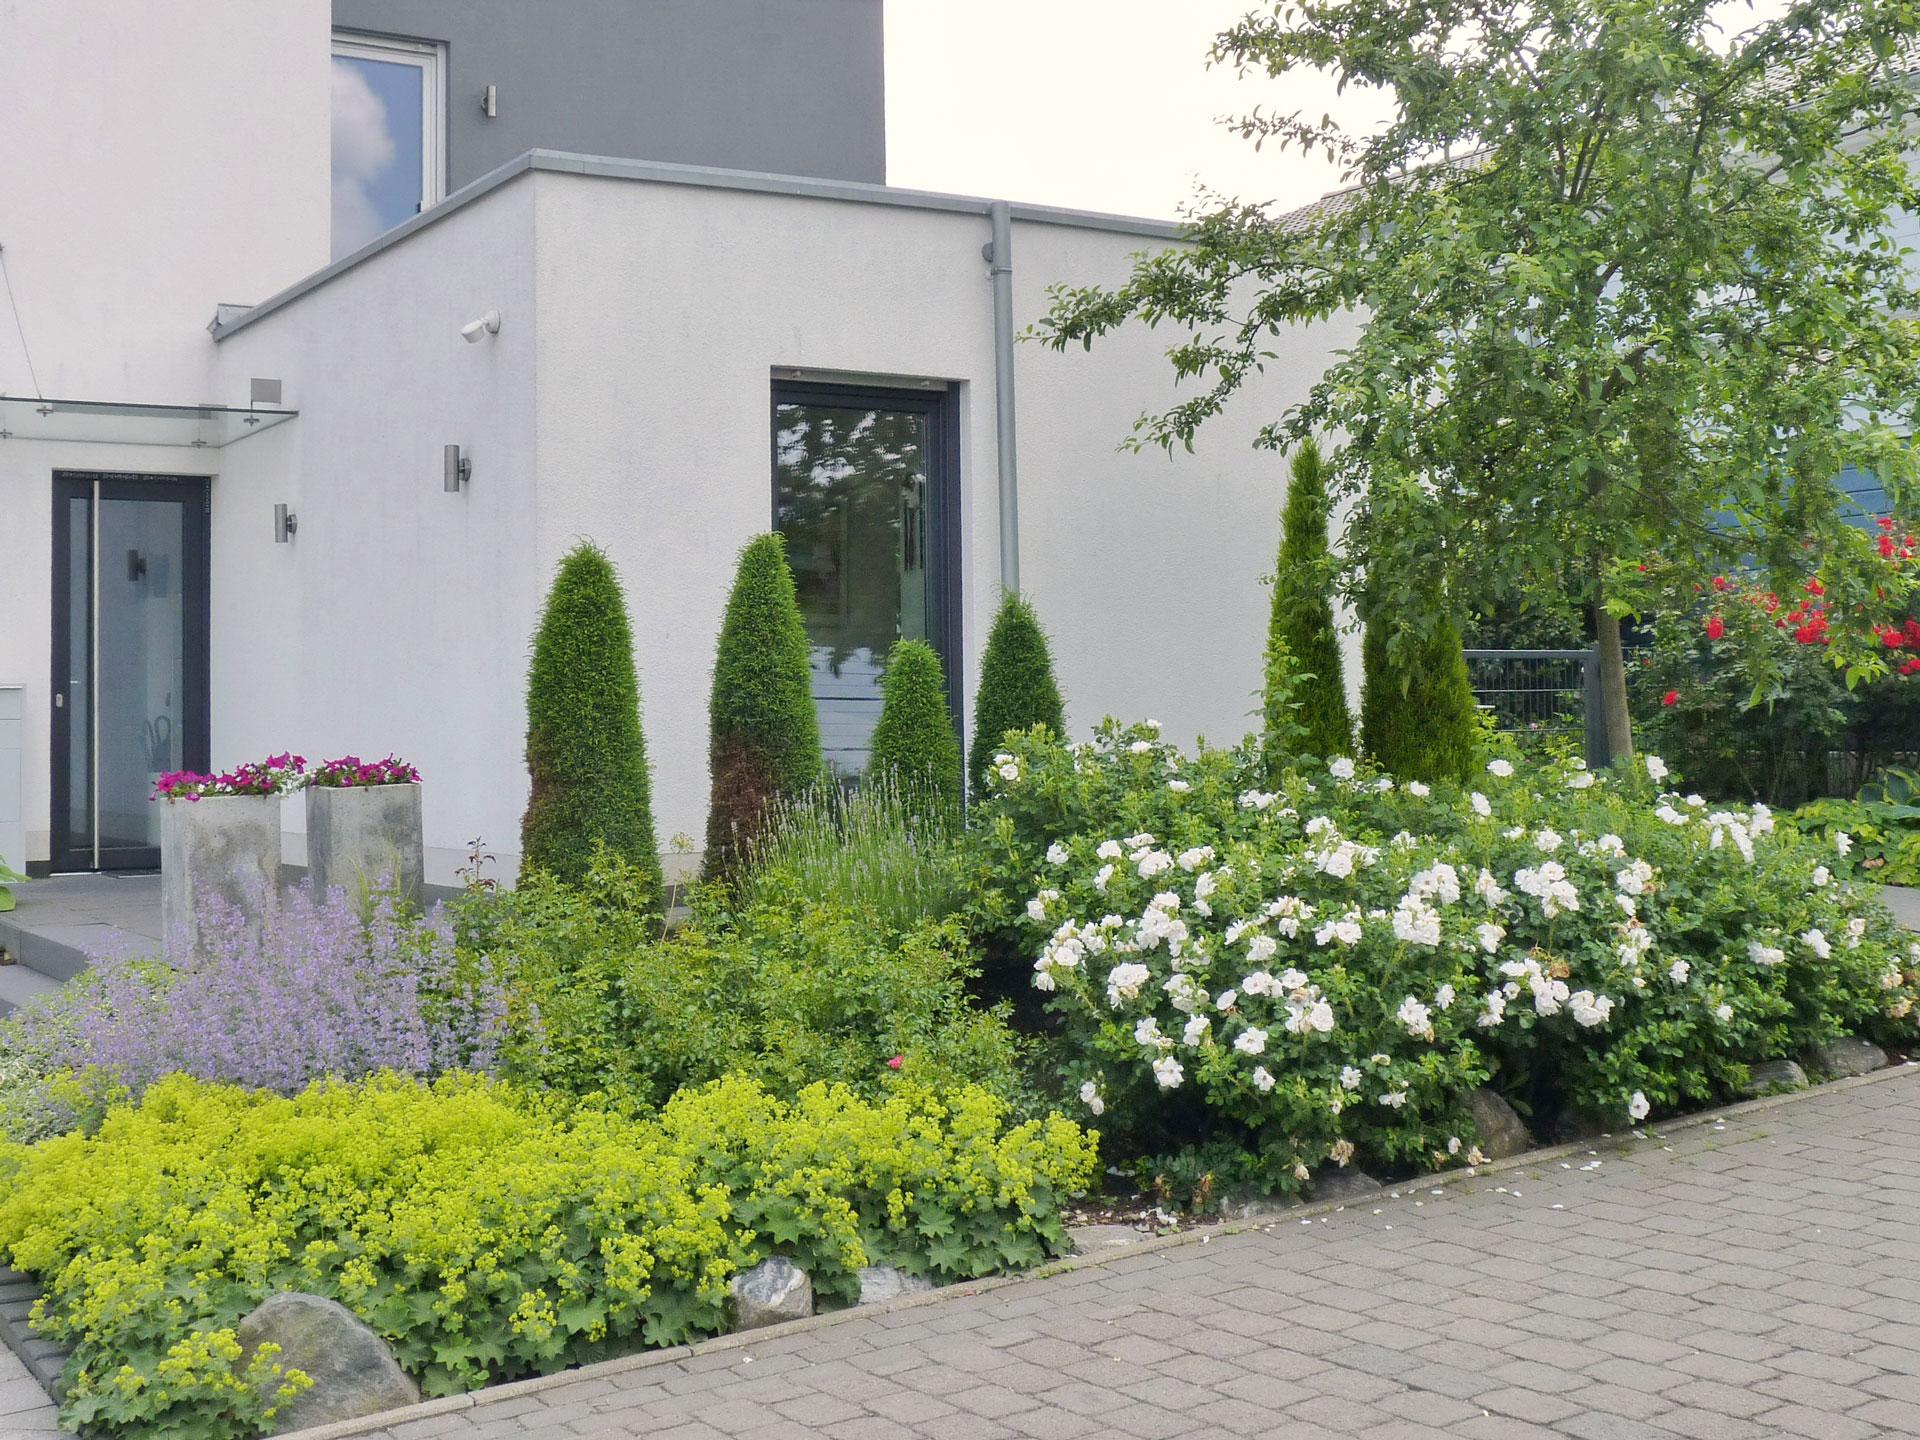 Pflanzen im Vorgarten